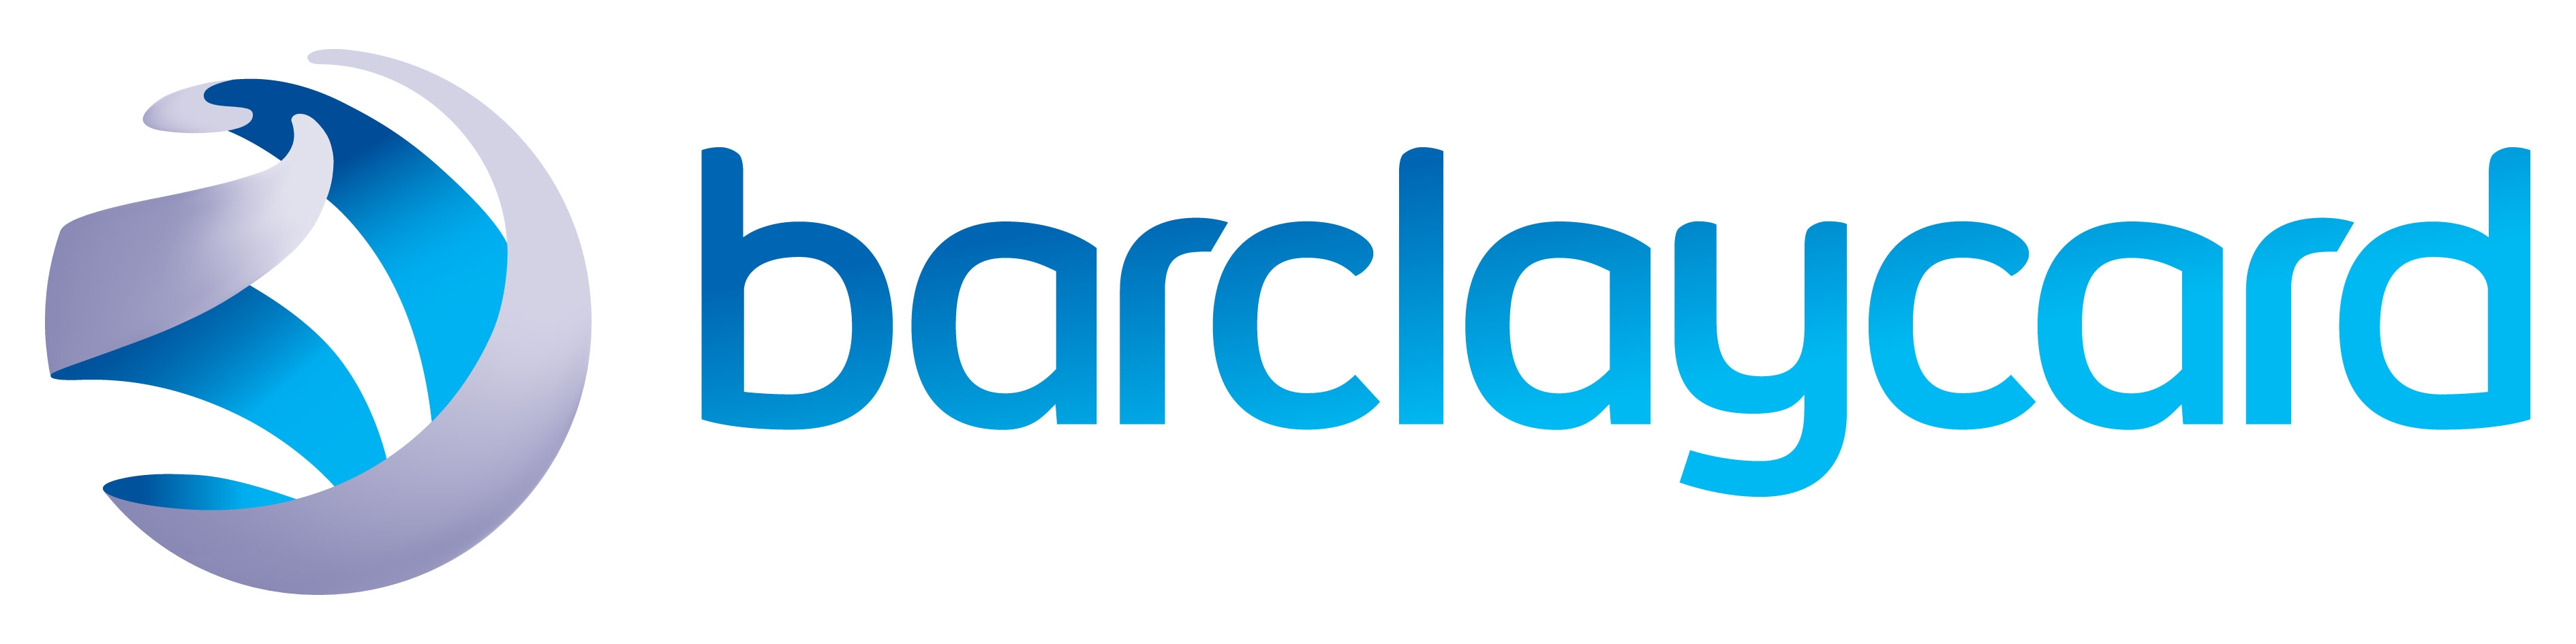 Das Unternehmen Barclaycard